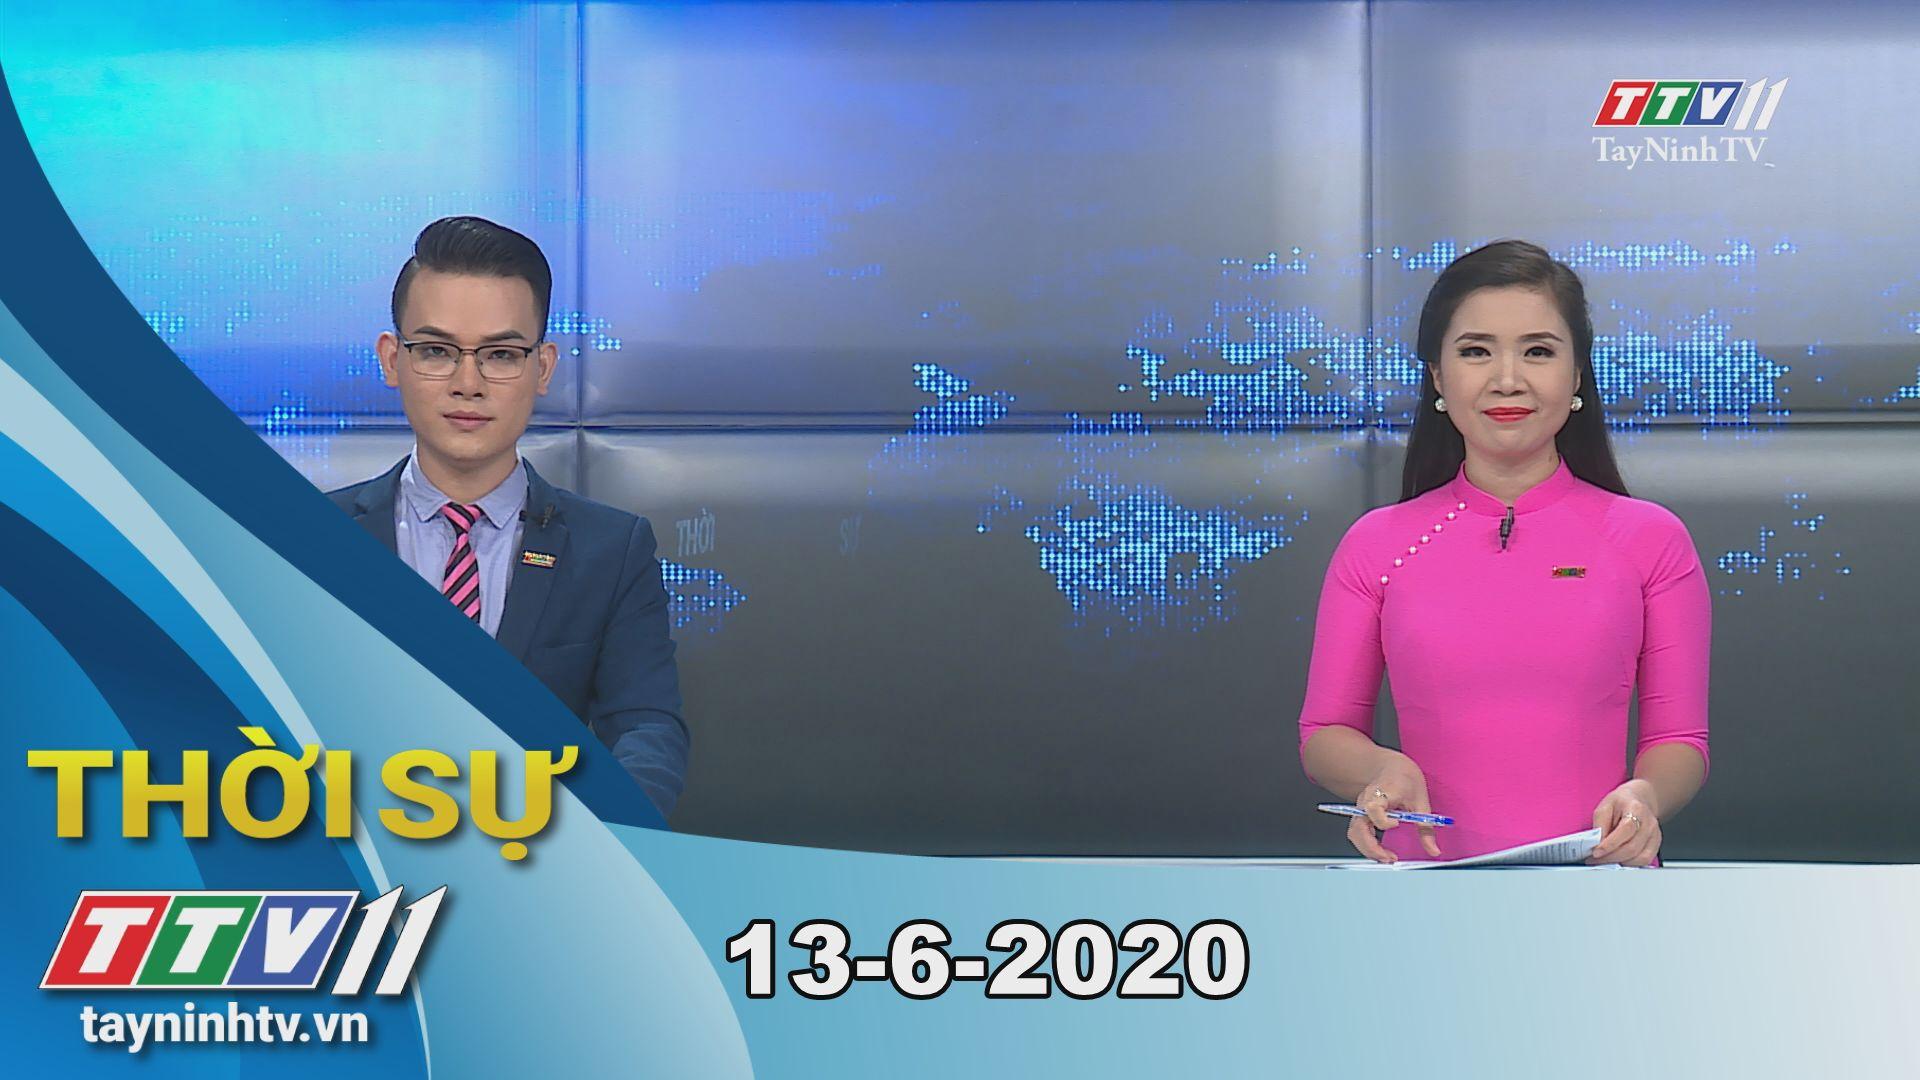 Thời sự Tây Ninh 13-6-2020 | Tin tức hôm nay | TayNinhTV